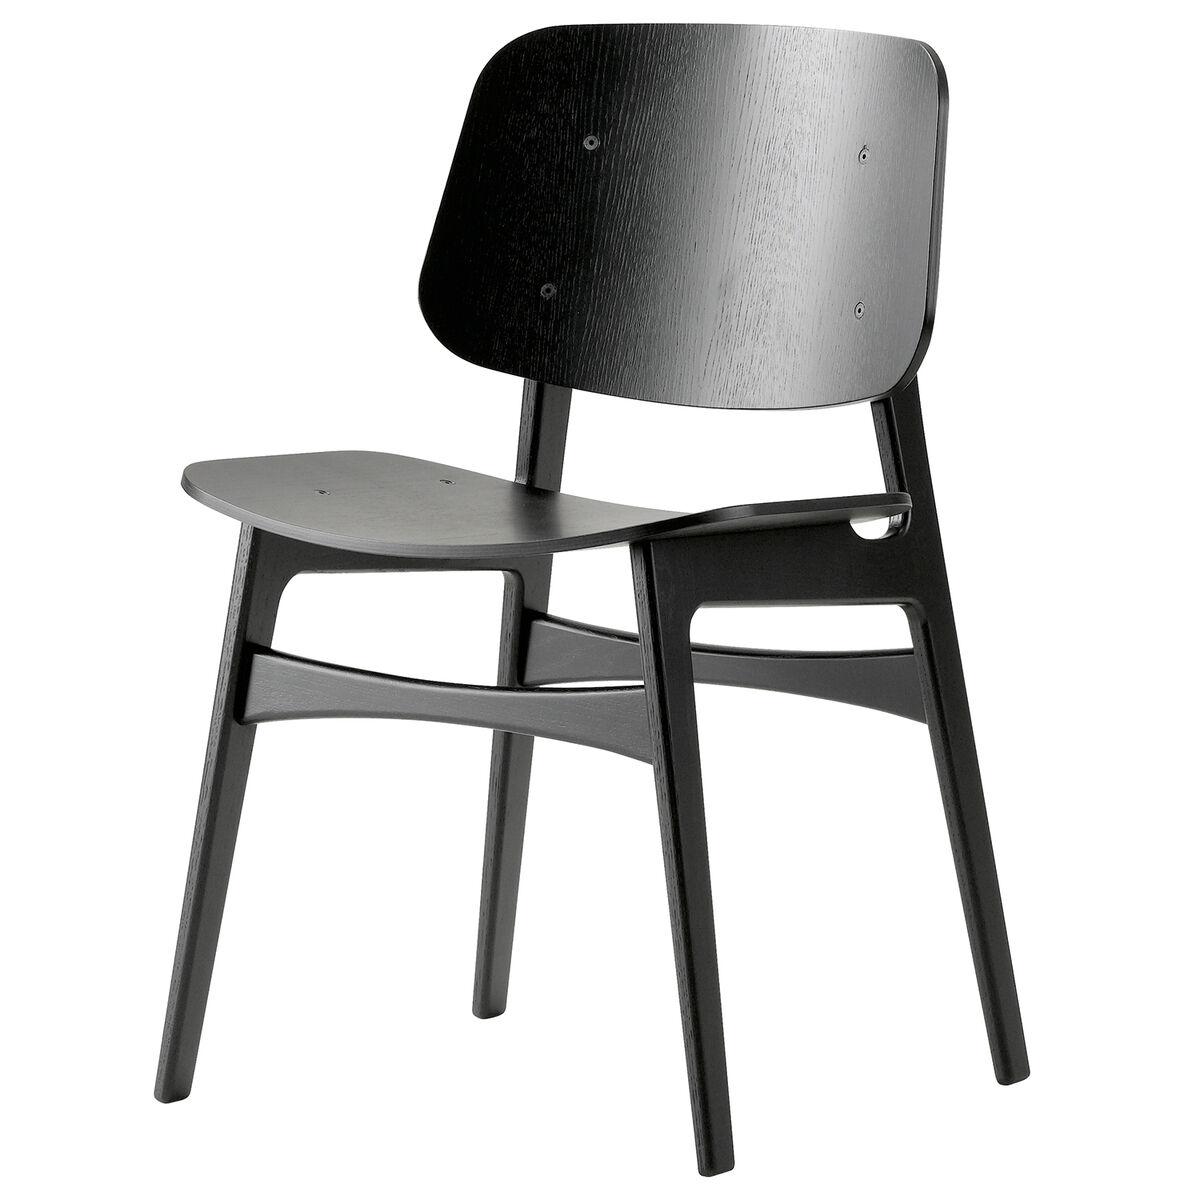 Fredericia S�borg tuoli 3050, puurunko, musta tammi